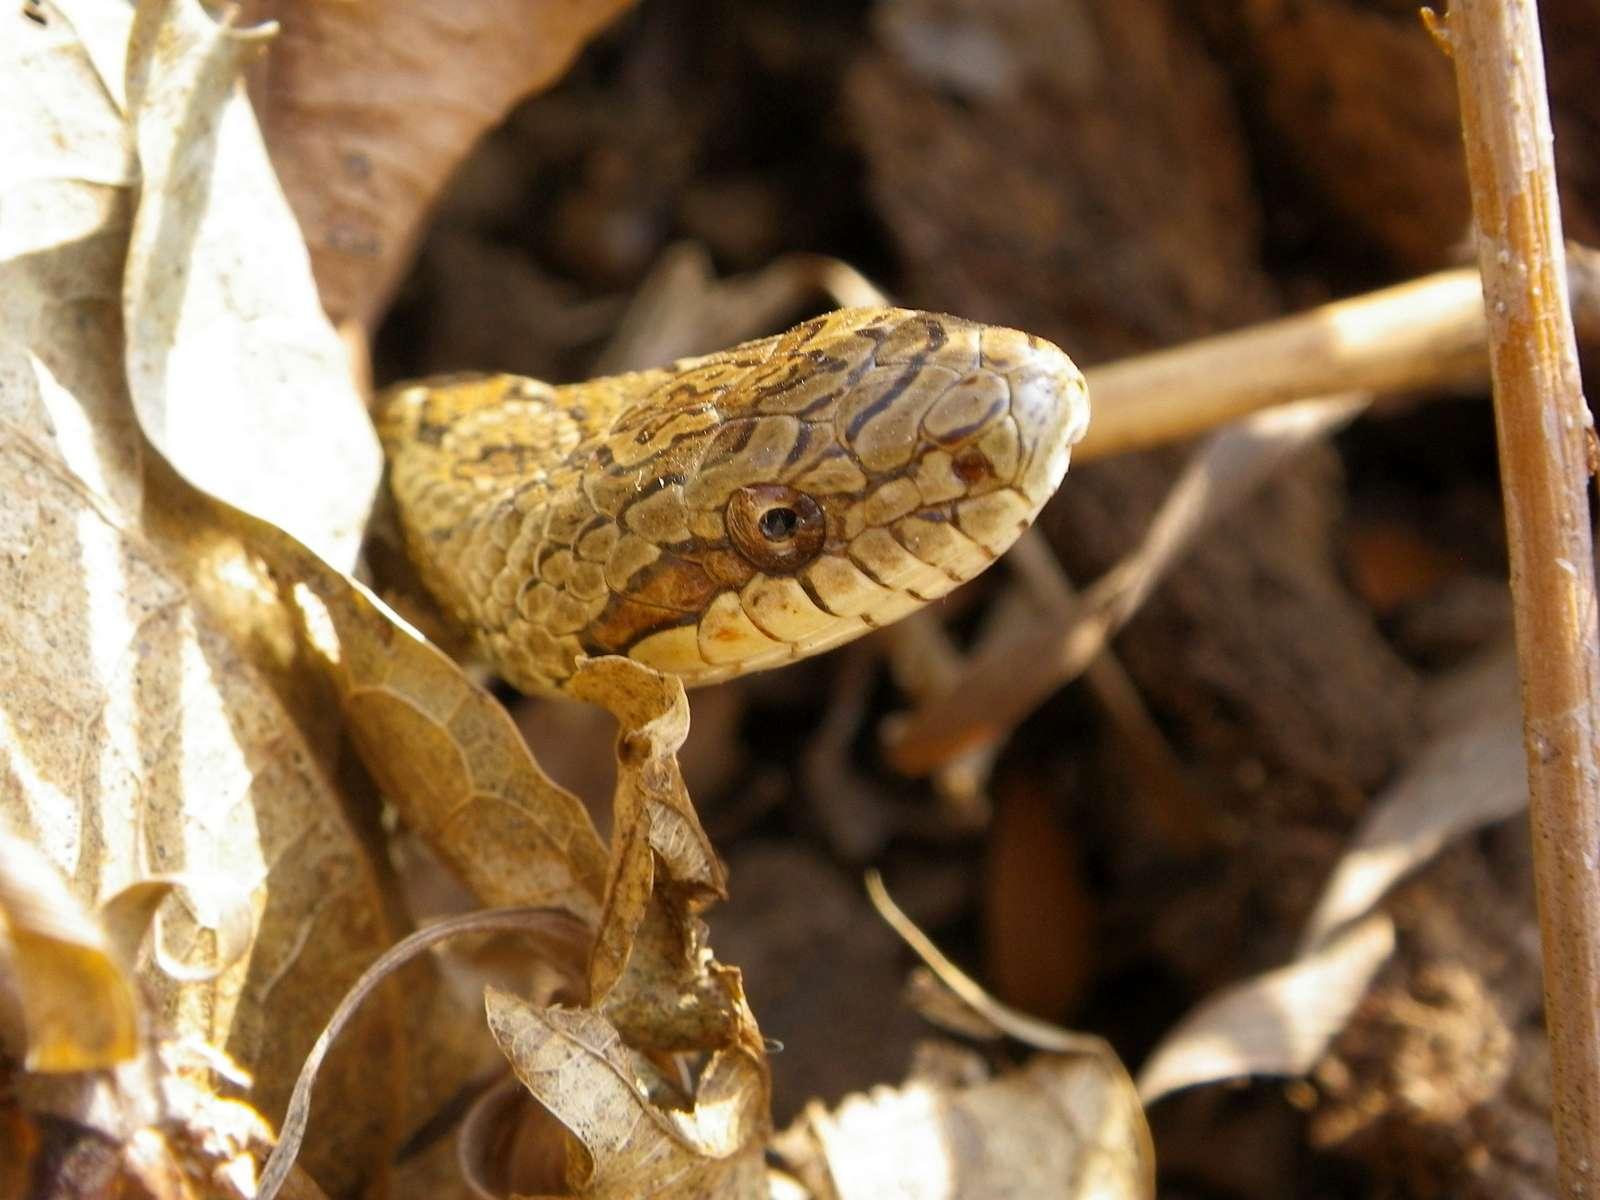 누룩뱀(ヌルクベム 和名サラサナメラ Elaphe dione)